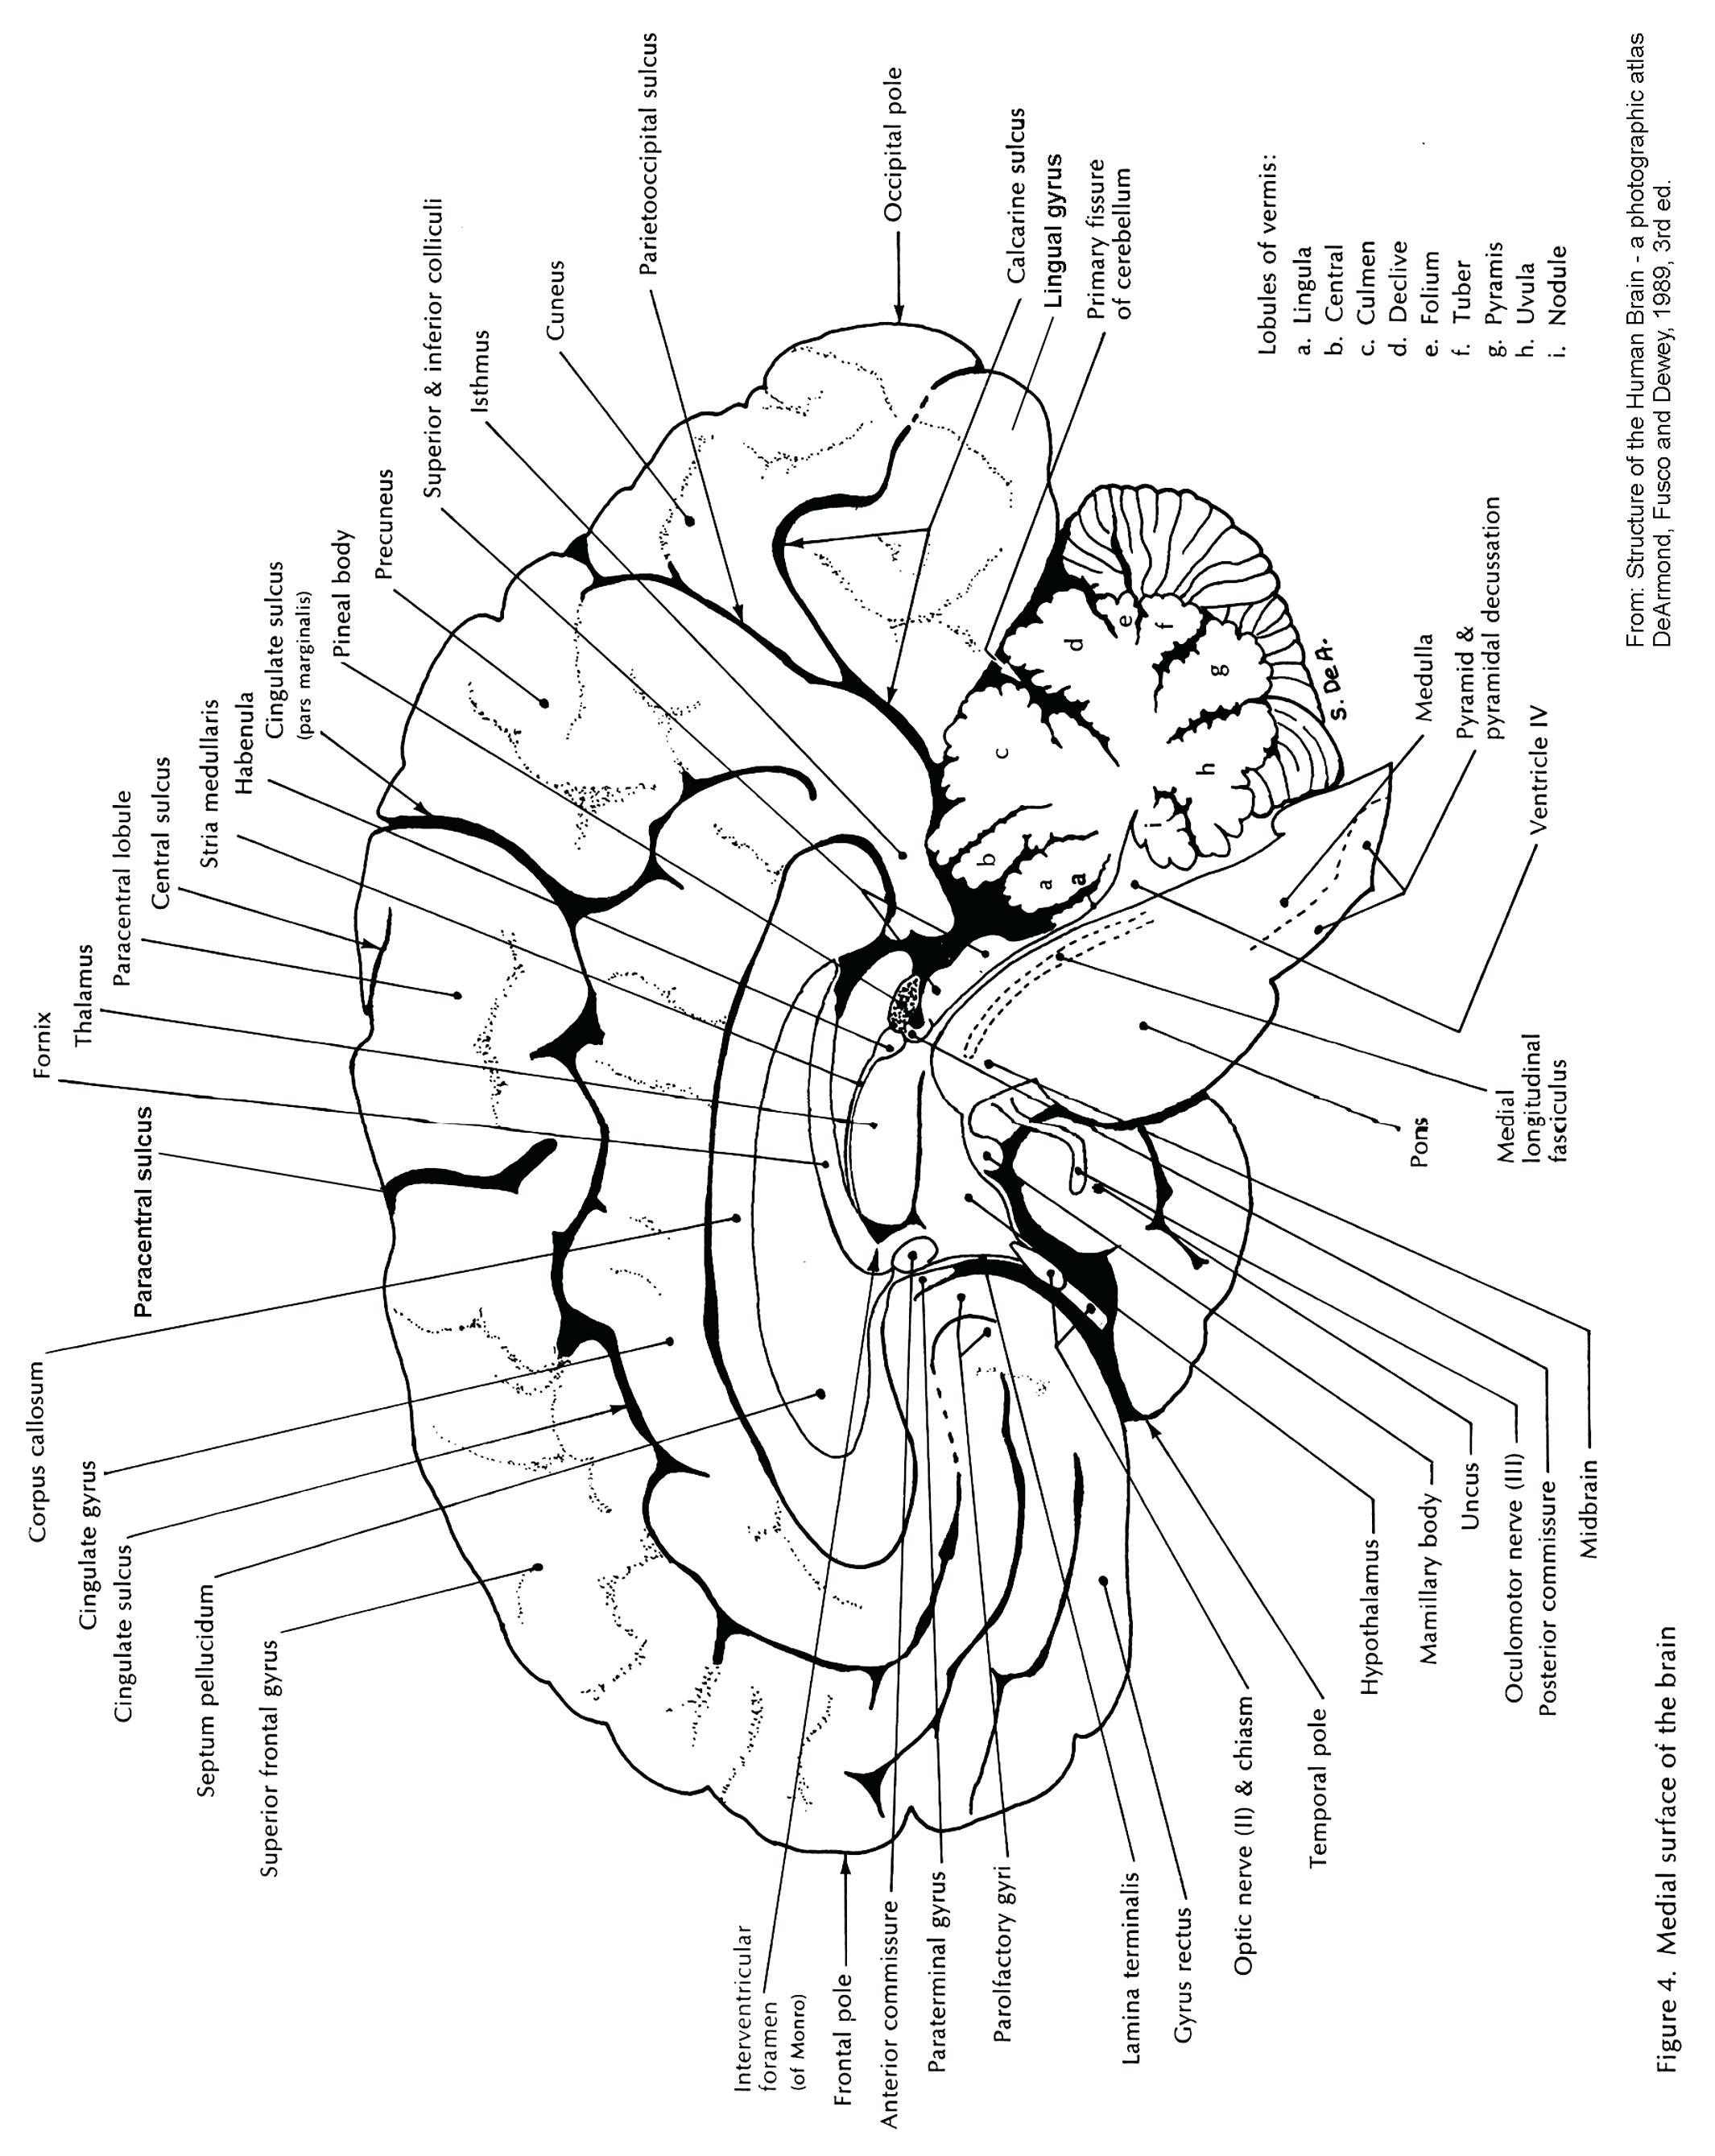 2130x2678 Diagram Brain Diagram Sagittal View